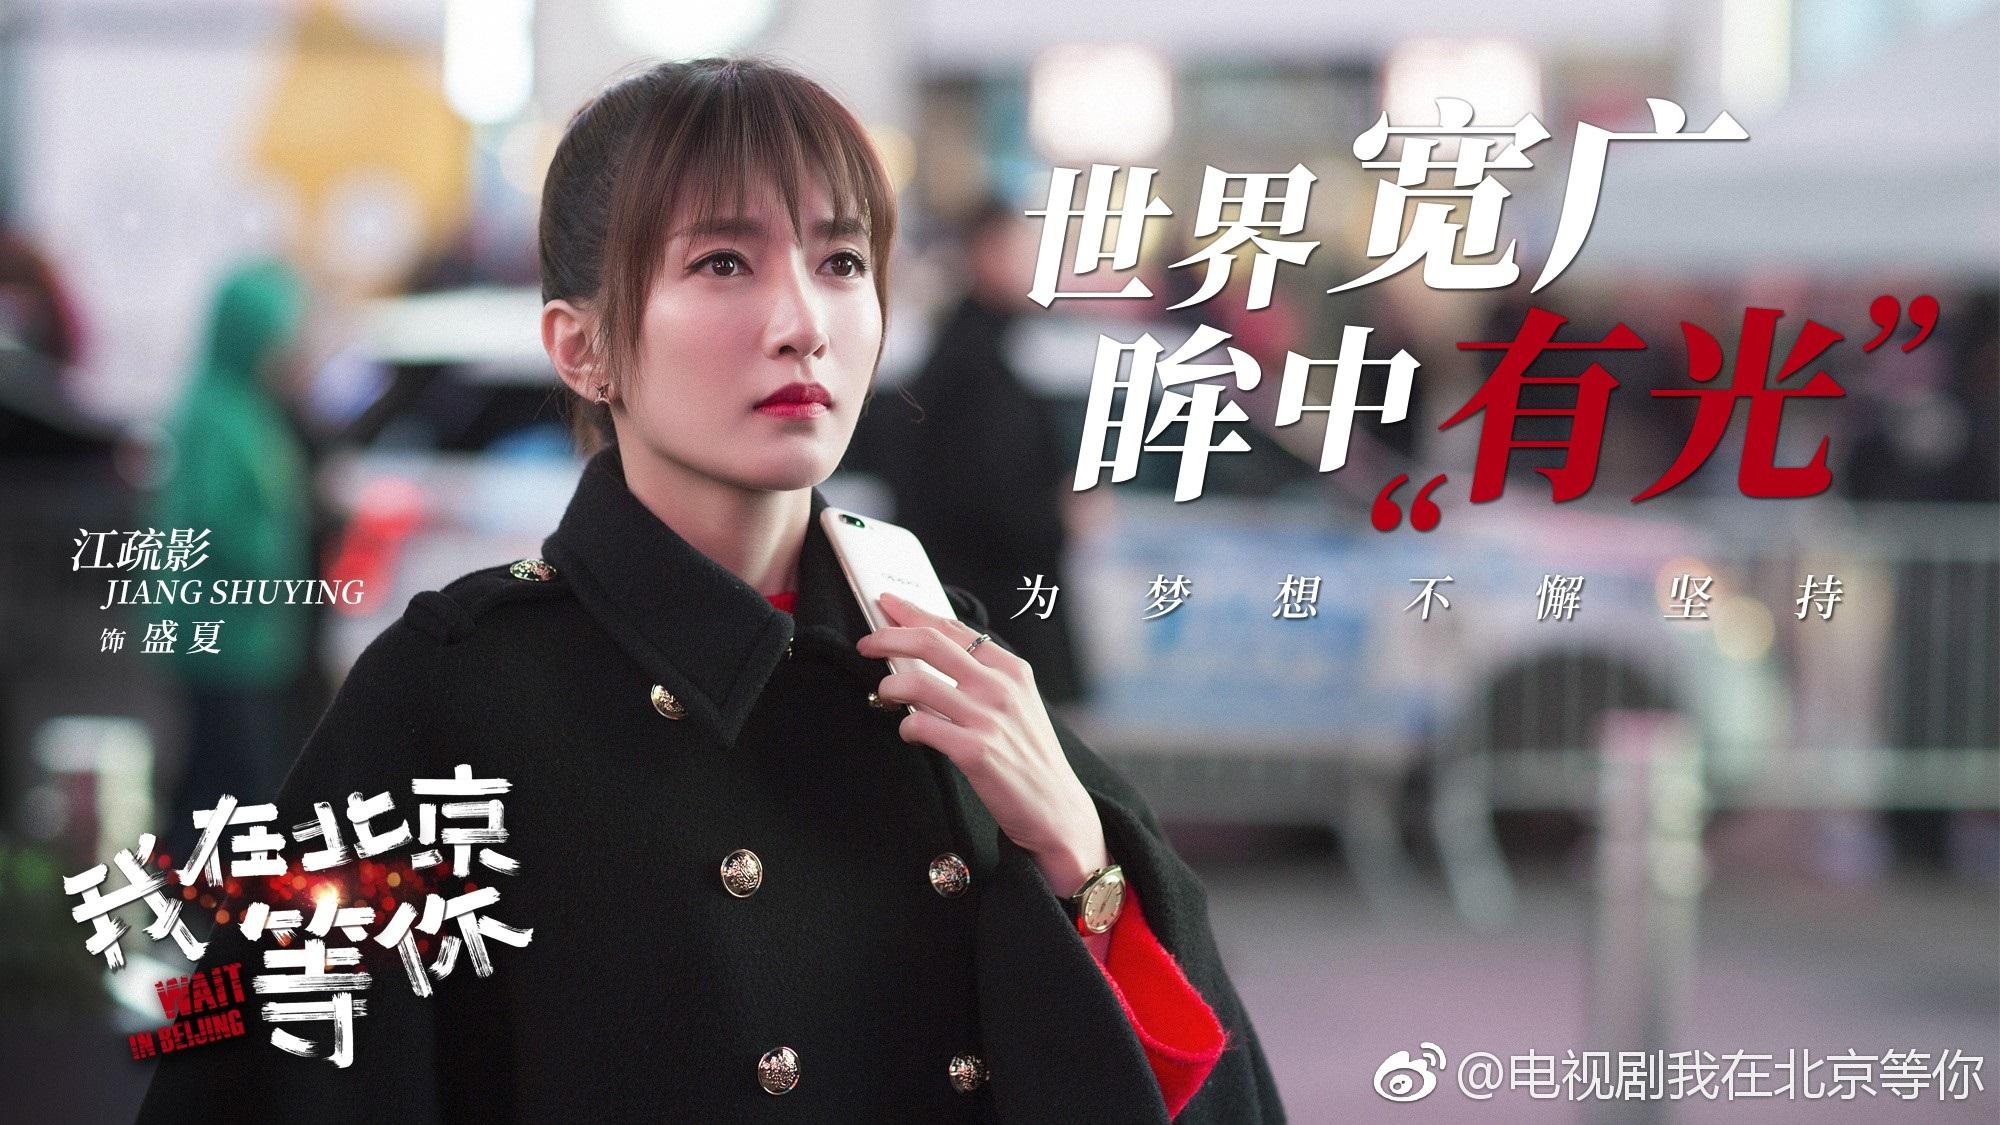 Năm 2019: Bộ ba bóng hồng Lưu Diệc Phi, Dương Mịch, Chương Tử Di hứa hẹn 'đại náo' truyền hình Hoa Ngữ - Ảnh 7